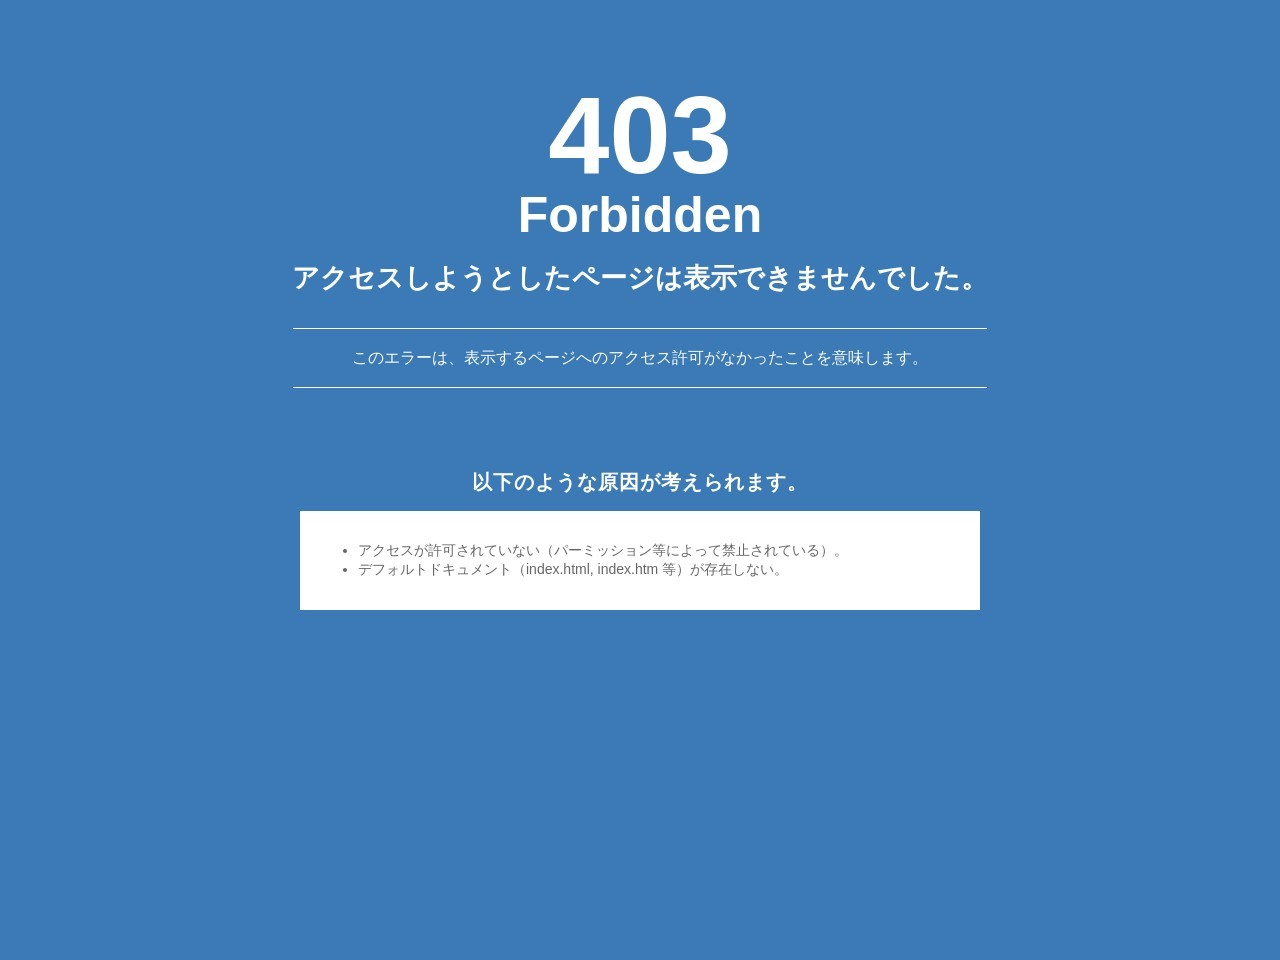 株式会社ノーラッド | ホームページとネット広告の構築・開発・企画制作・プロモーション